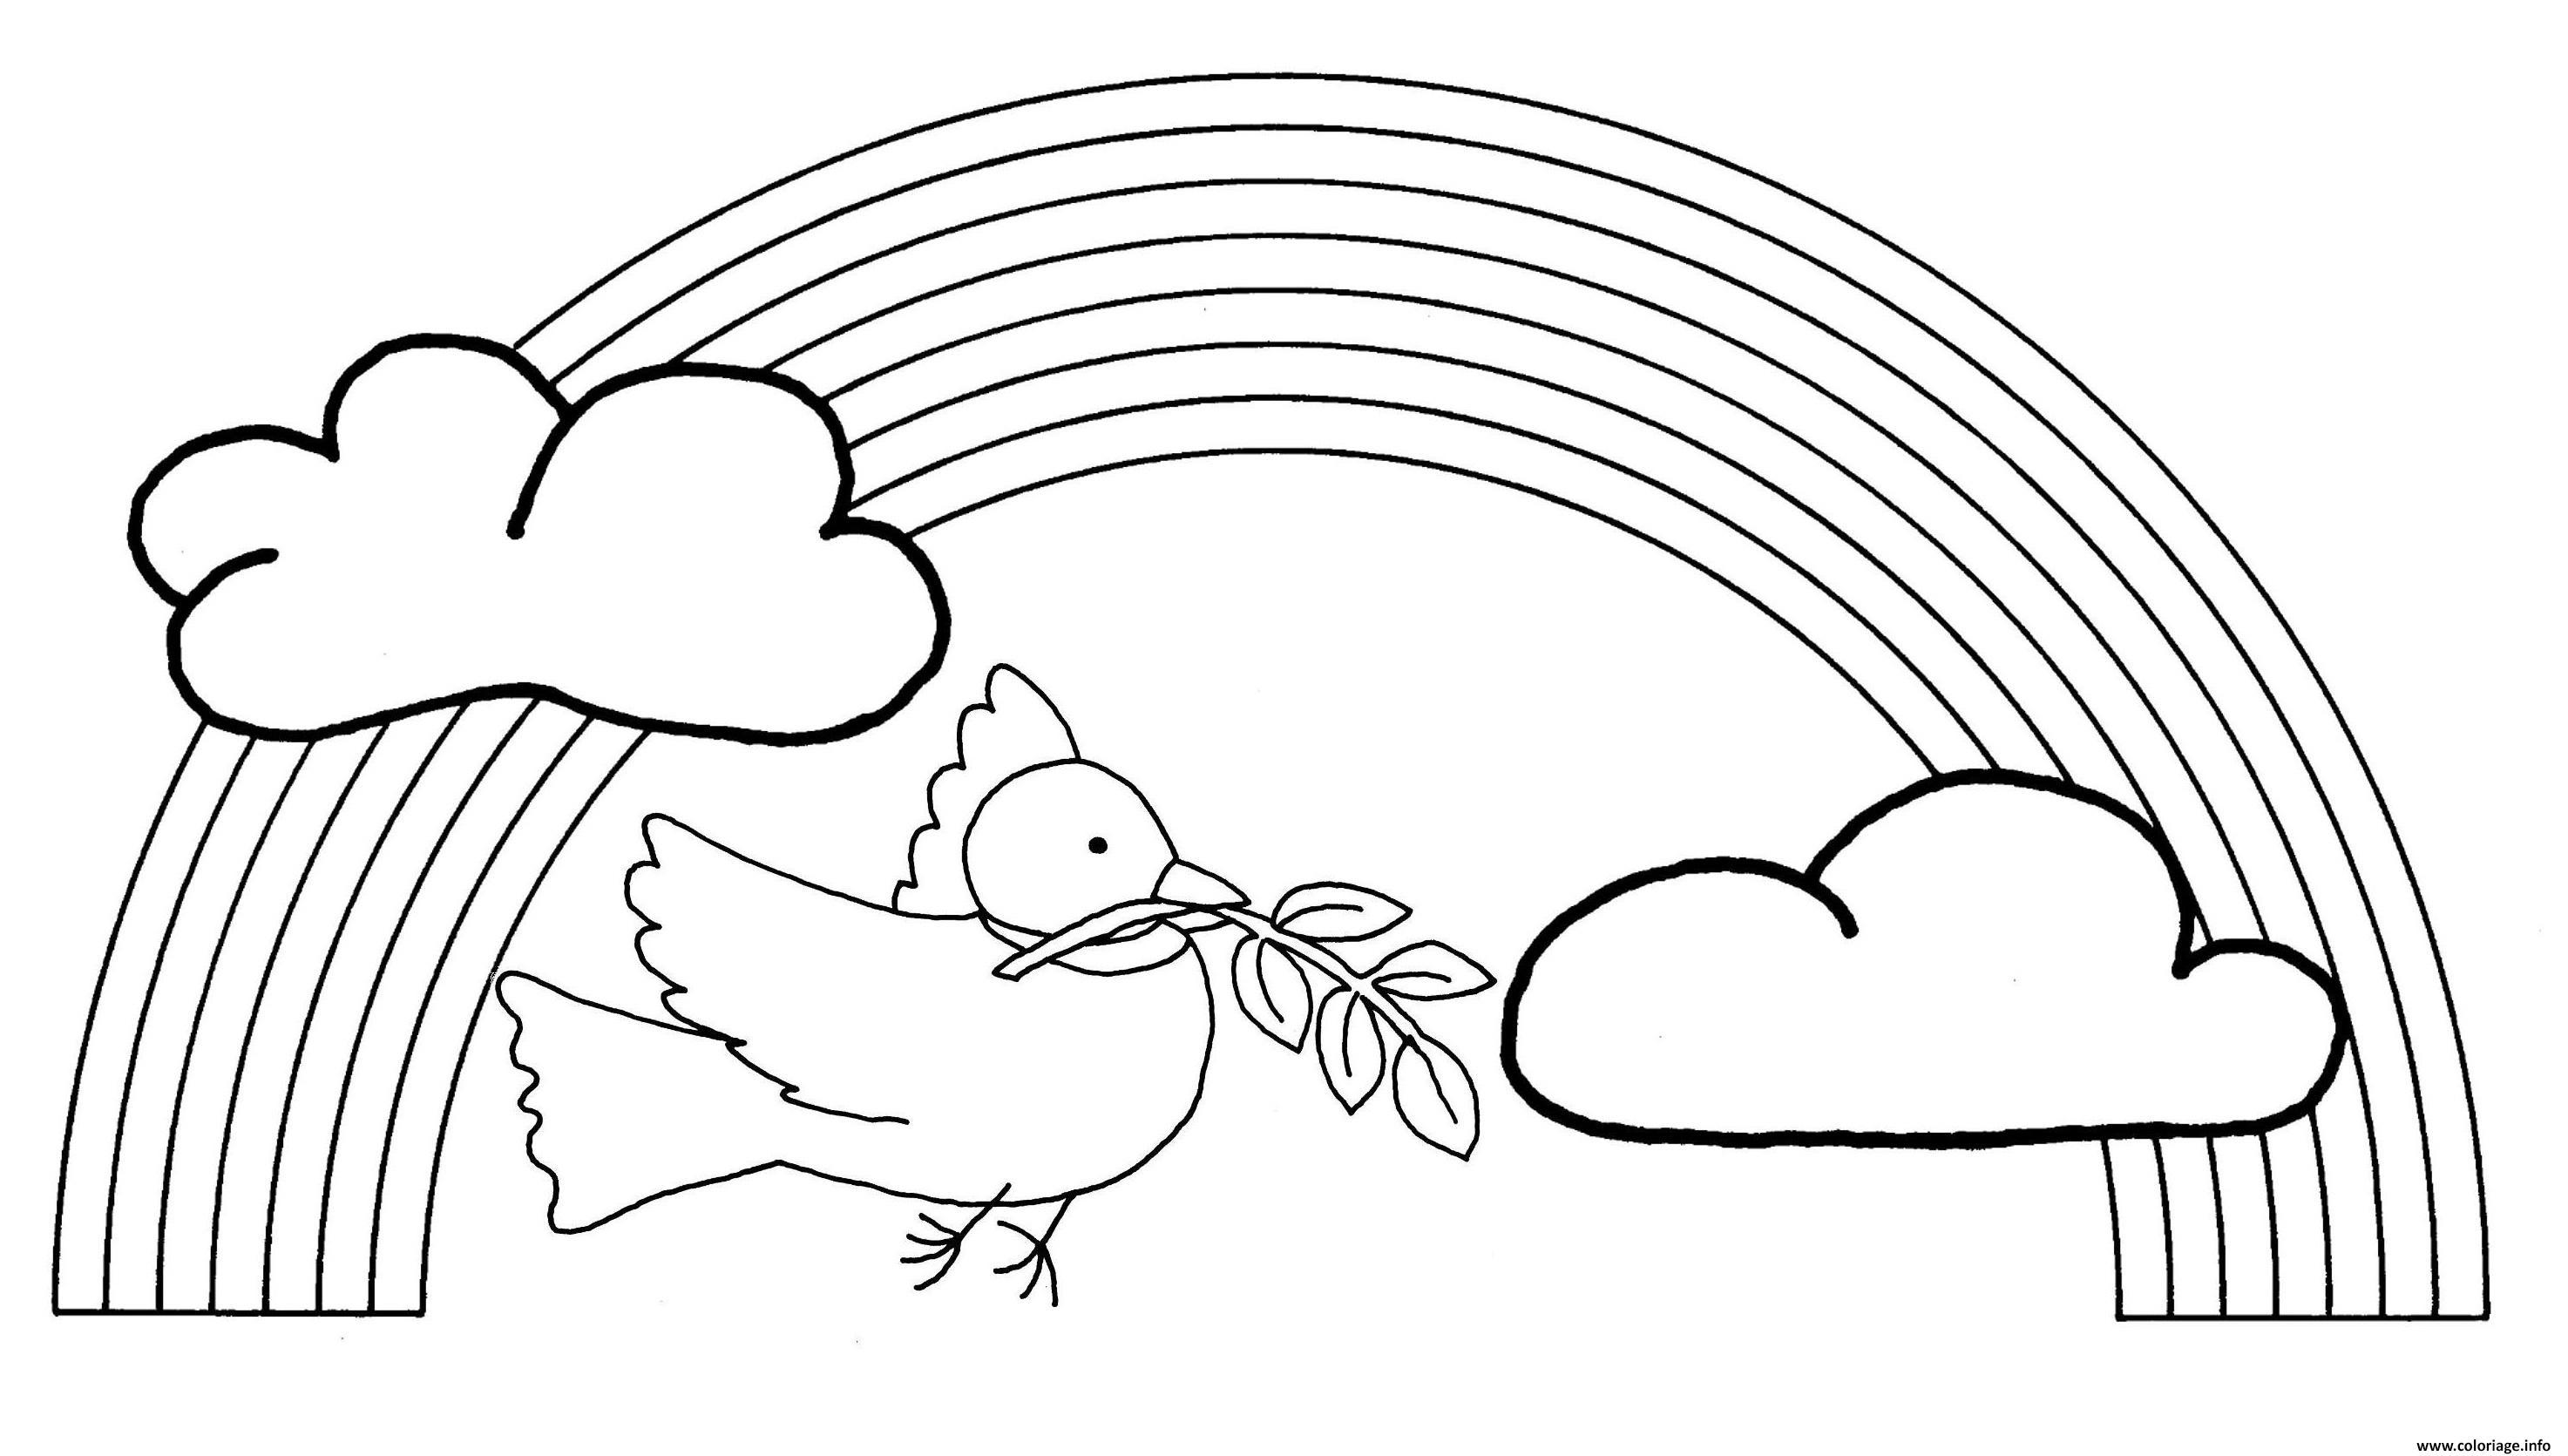 Coloriage oiseau arc en ciel - Coloriage ciel ...